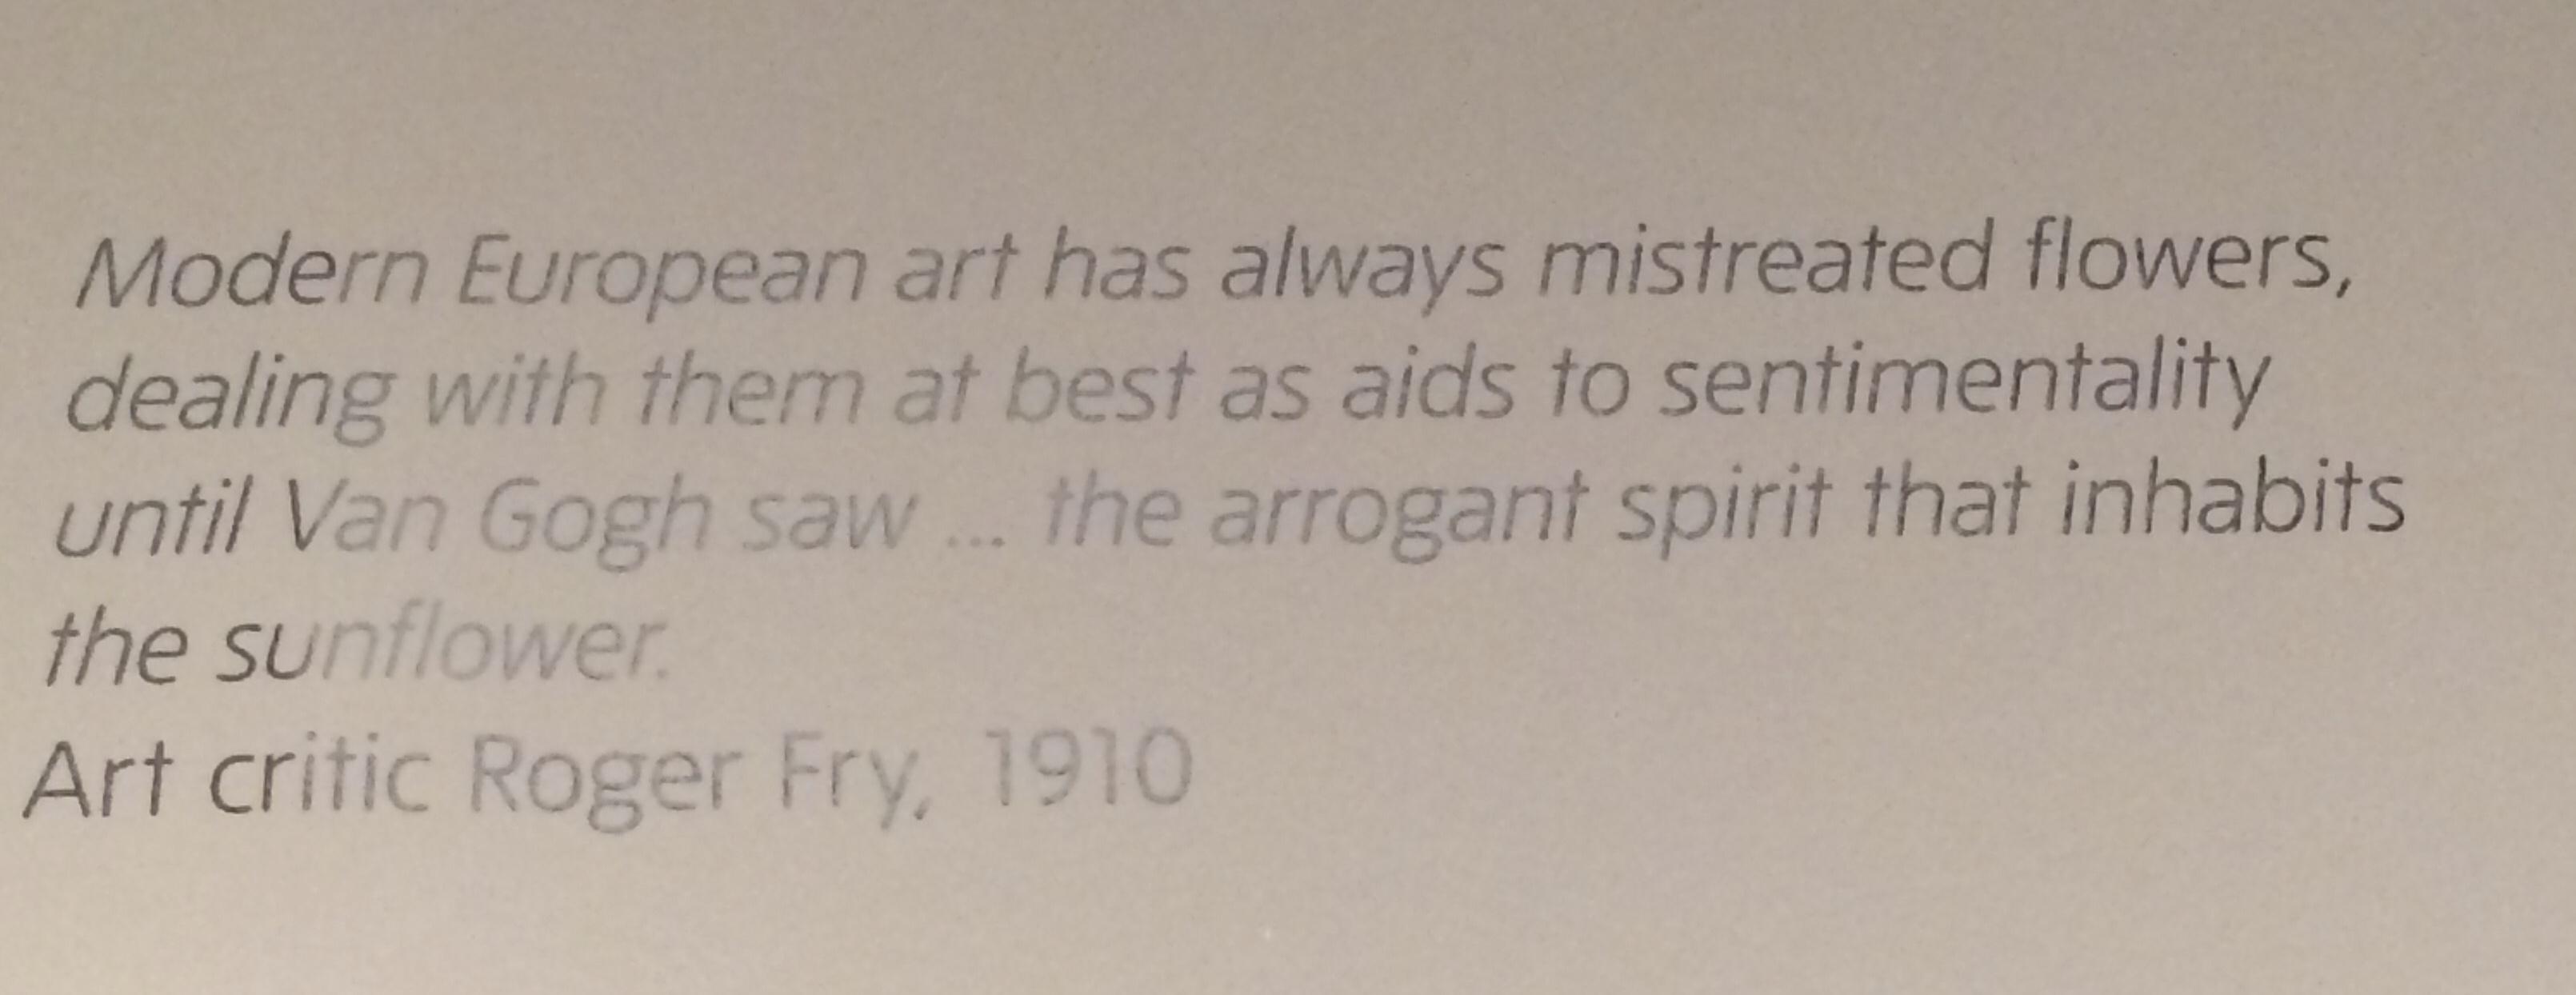 Cita de Roger Fry, entorn a les flors a la pintura